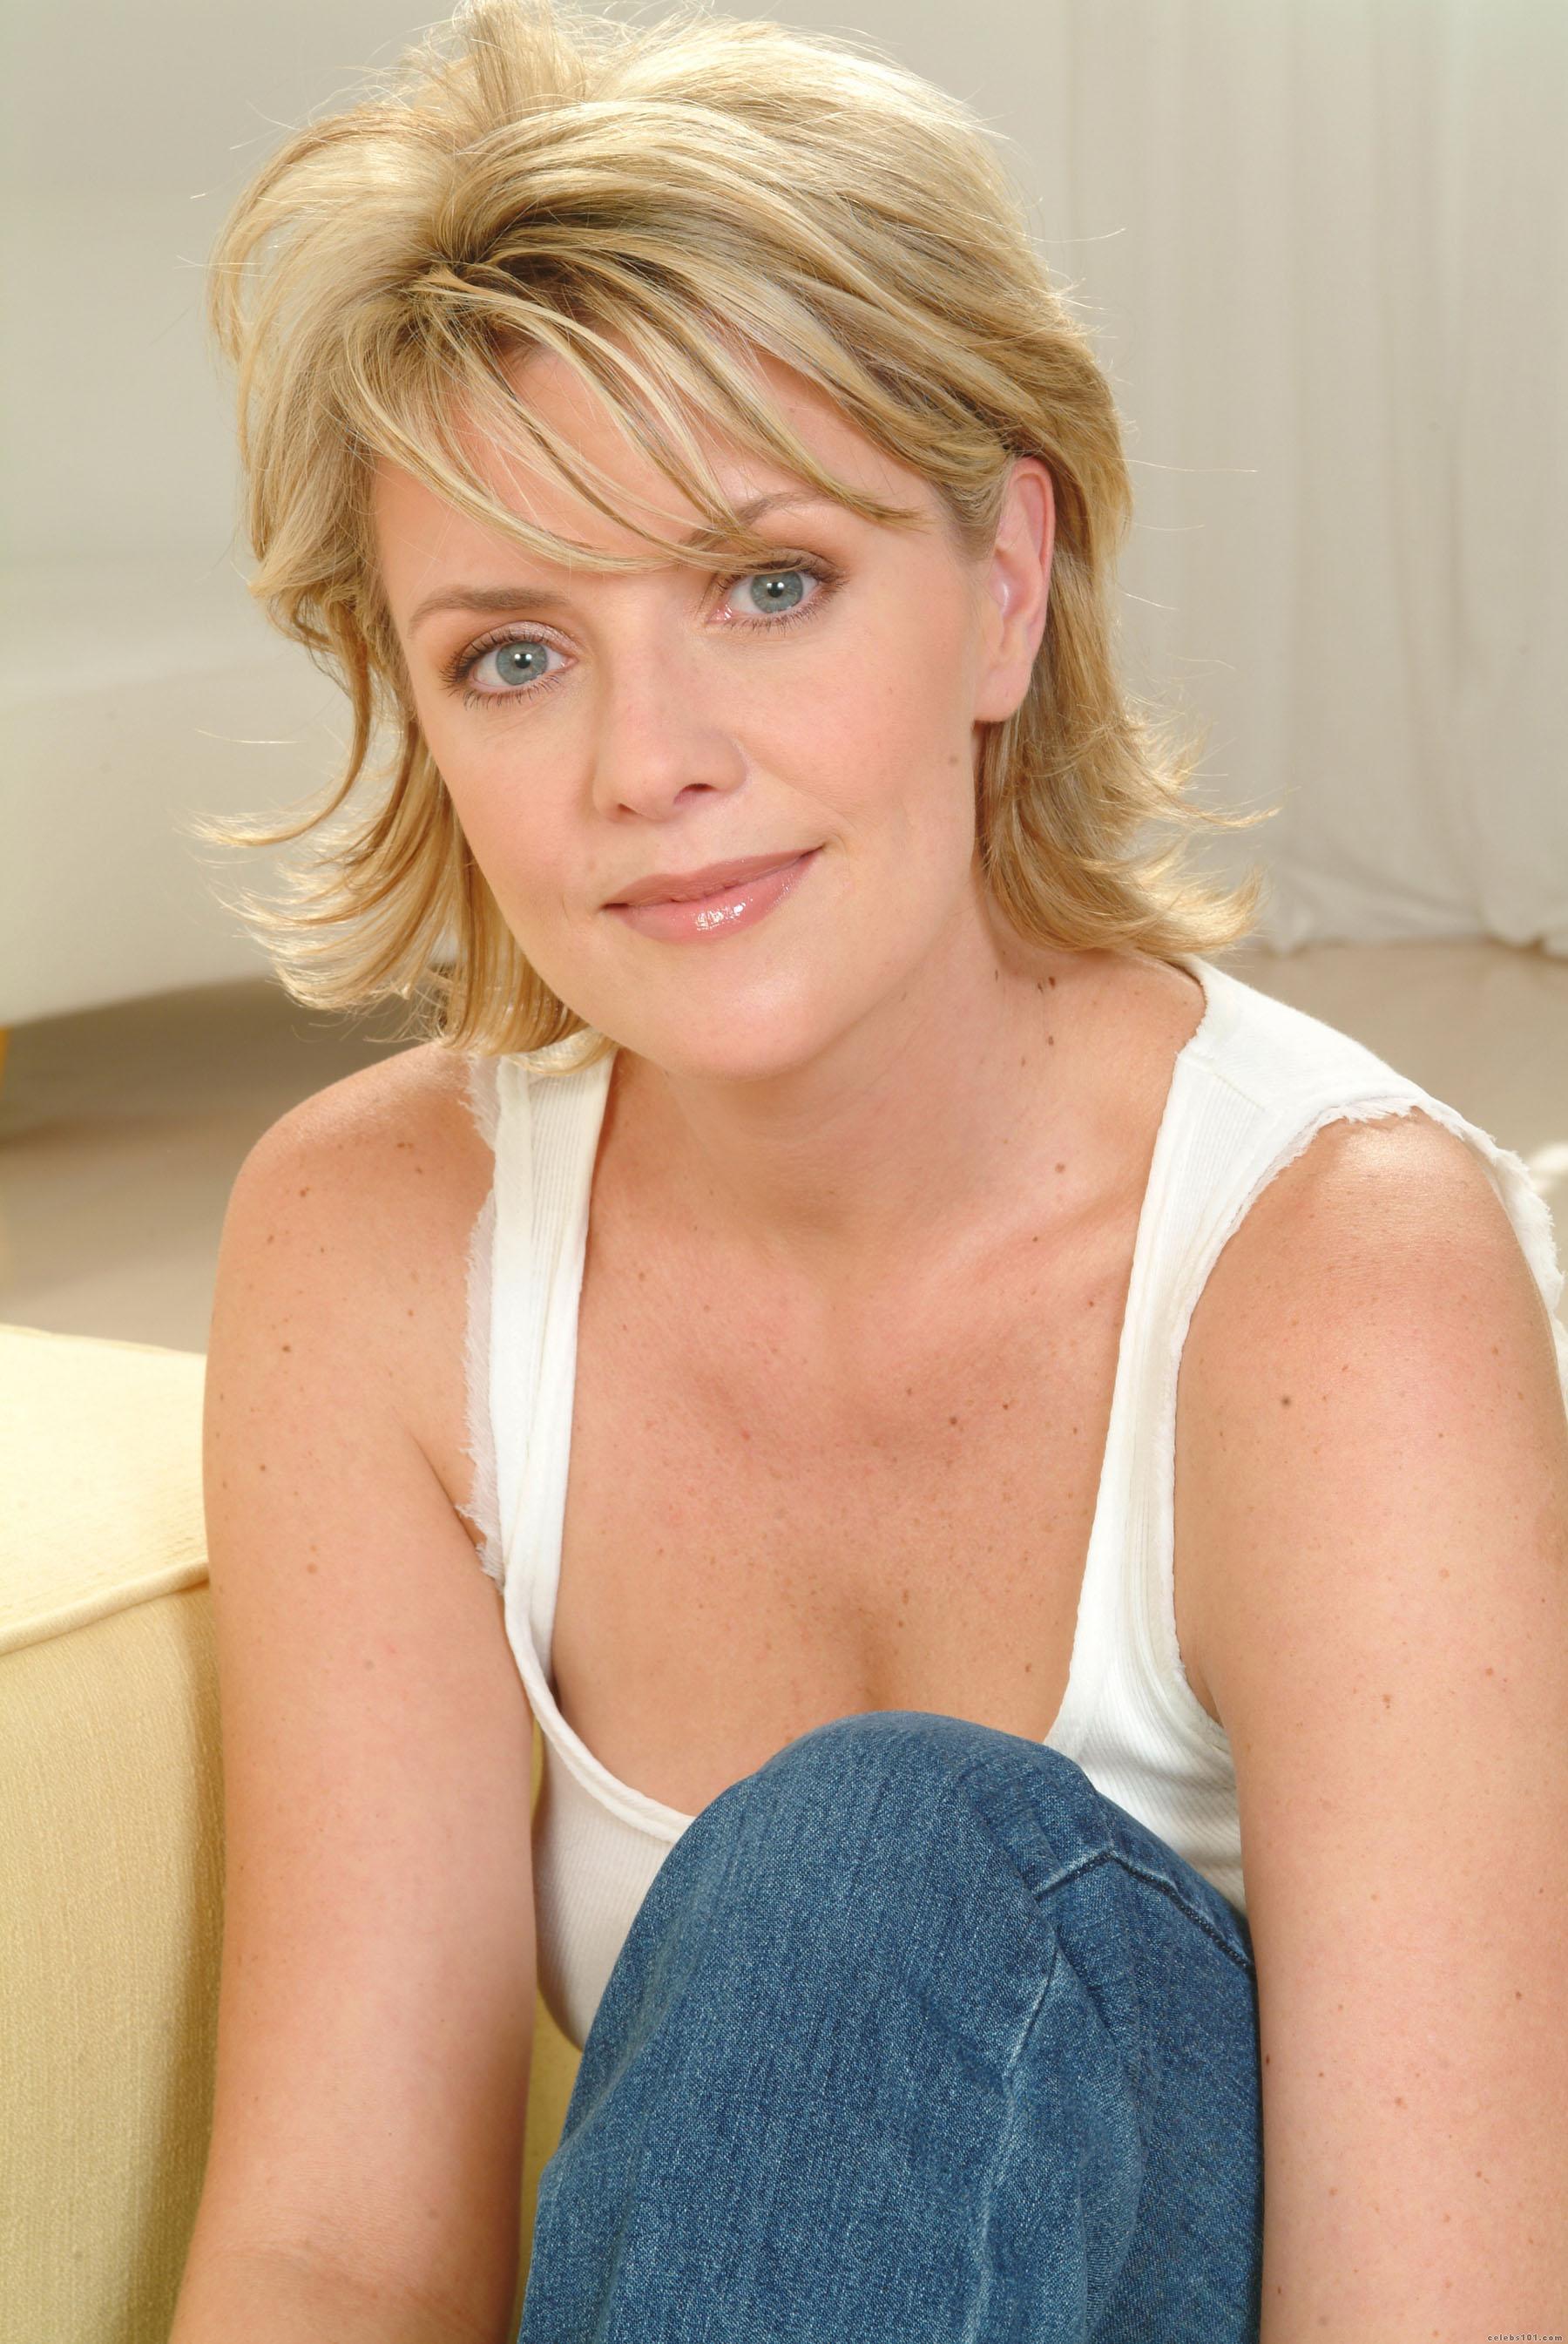 <b>Amanda Tapping</b> Always orevicda <b>Amanda Tapping</b> from Stargate to - 4631_amanda_tapping